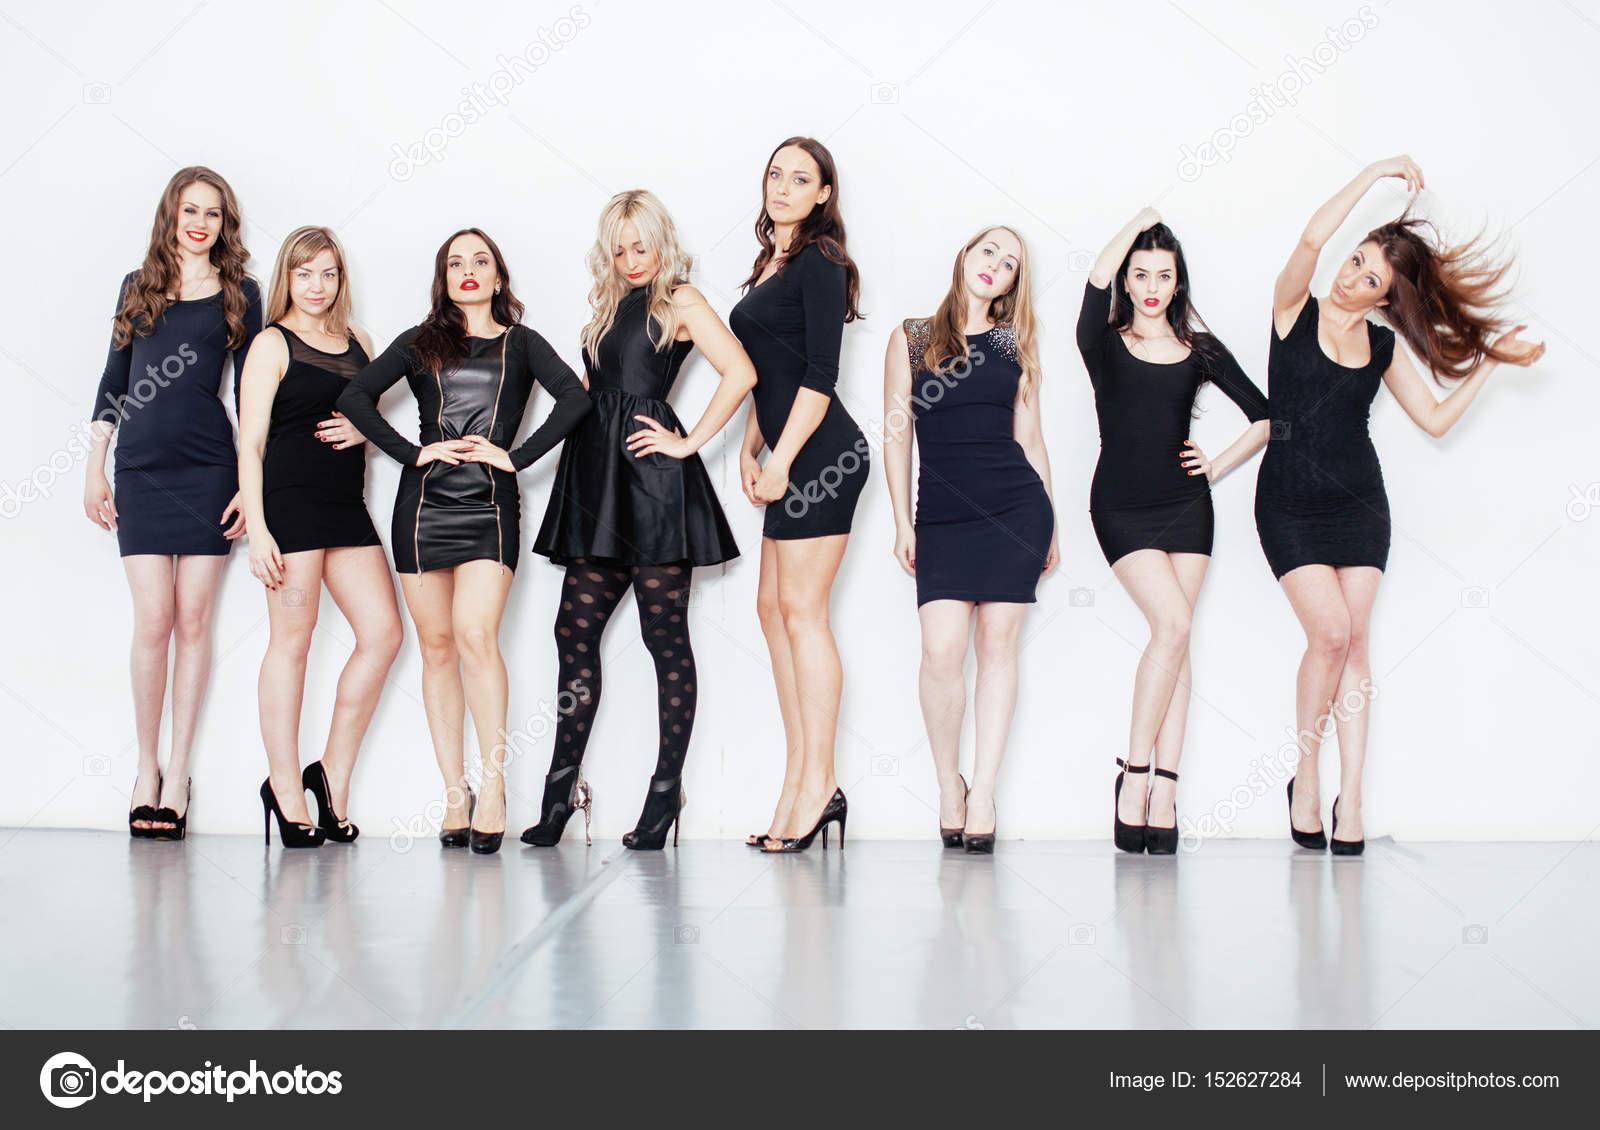 Фото много девушек вместе питер разводят деньги